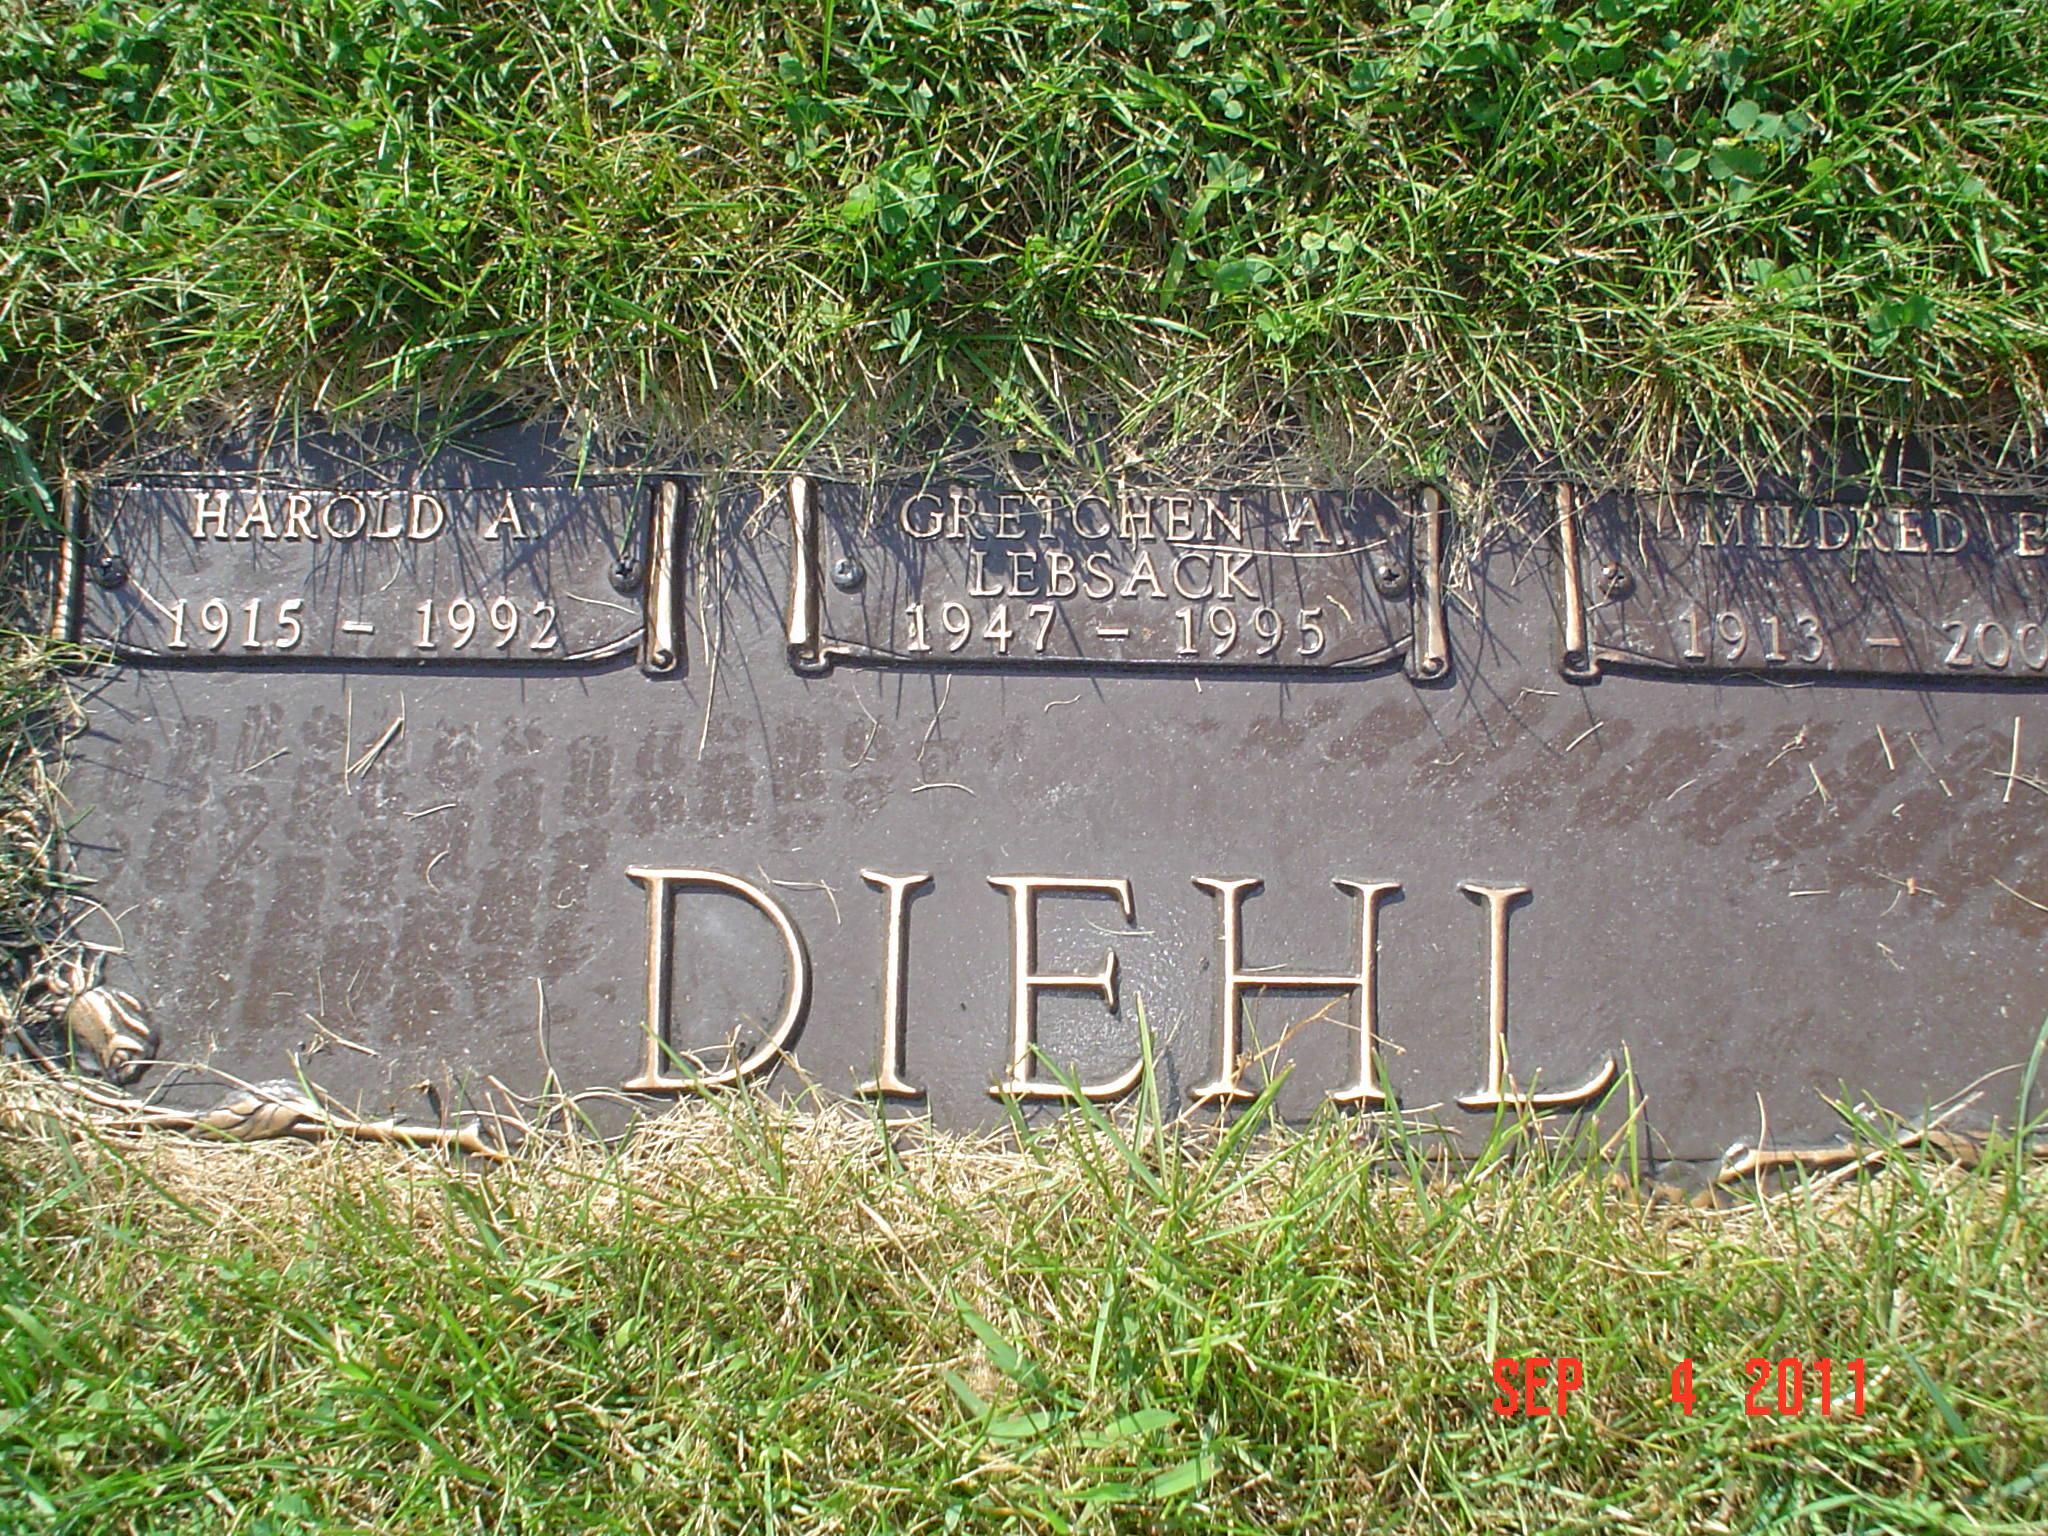 Harold A. Diehl